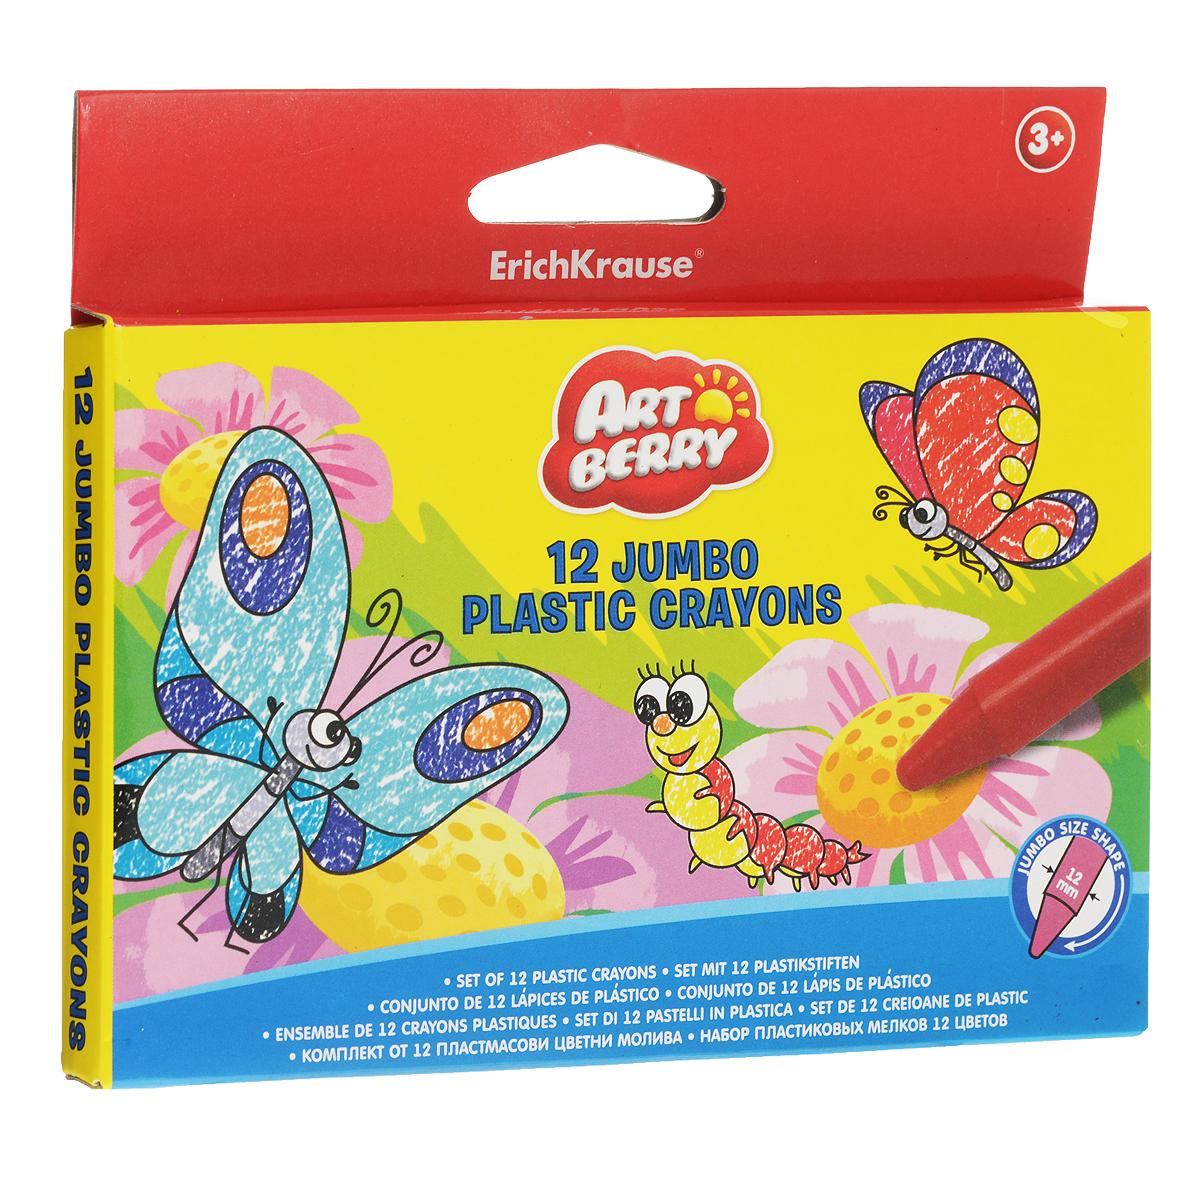 Мелки Erich Krause Art Berry, 12 цветов33114Мелки Erich Krause Art Berry откроют юным художникам новые горизонты для творчества. В набор входят 12 цветных мелков (желтый, оранжевый, розовый, красный, коричневый, зеленый, салатовый, голубой, синий, светло-фиолетовый, фиолетовый, черный). Мелки очень удобны в использовании благодаря широкому наконечнику, также они устойчивы к ломке. Их не нужно точить. Мелки помогут малышу в развитии мелкой моторики рук, координации движений, цветового восприятия, воображения и творческого мышления. Ваш ребенок будет рад такому набору!